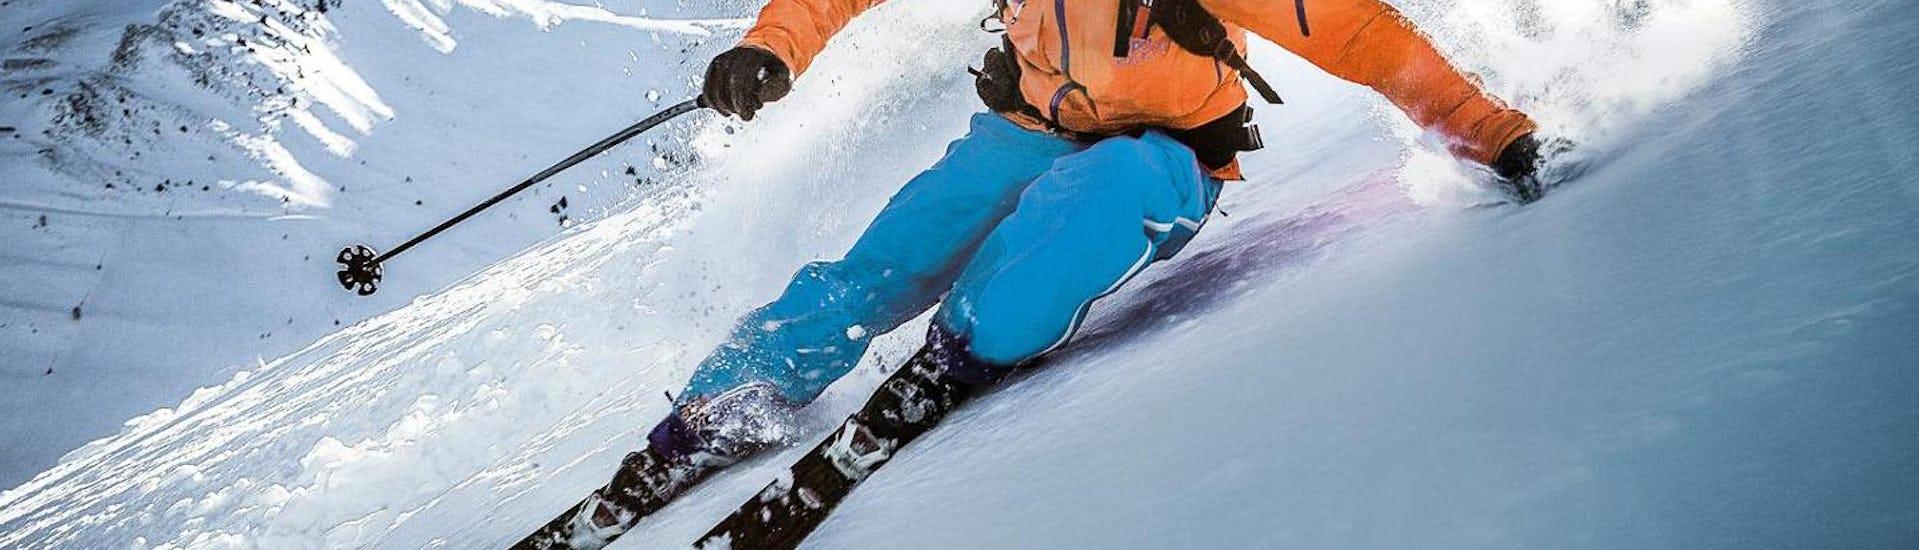 Alpine skiing technique lessons